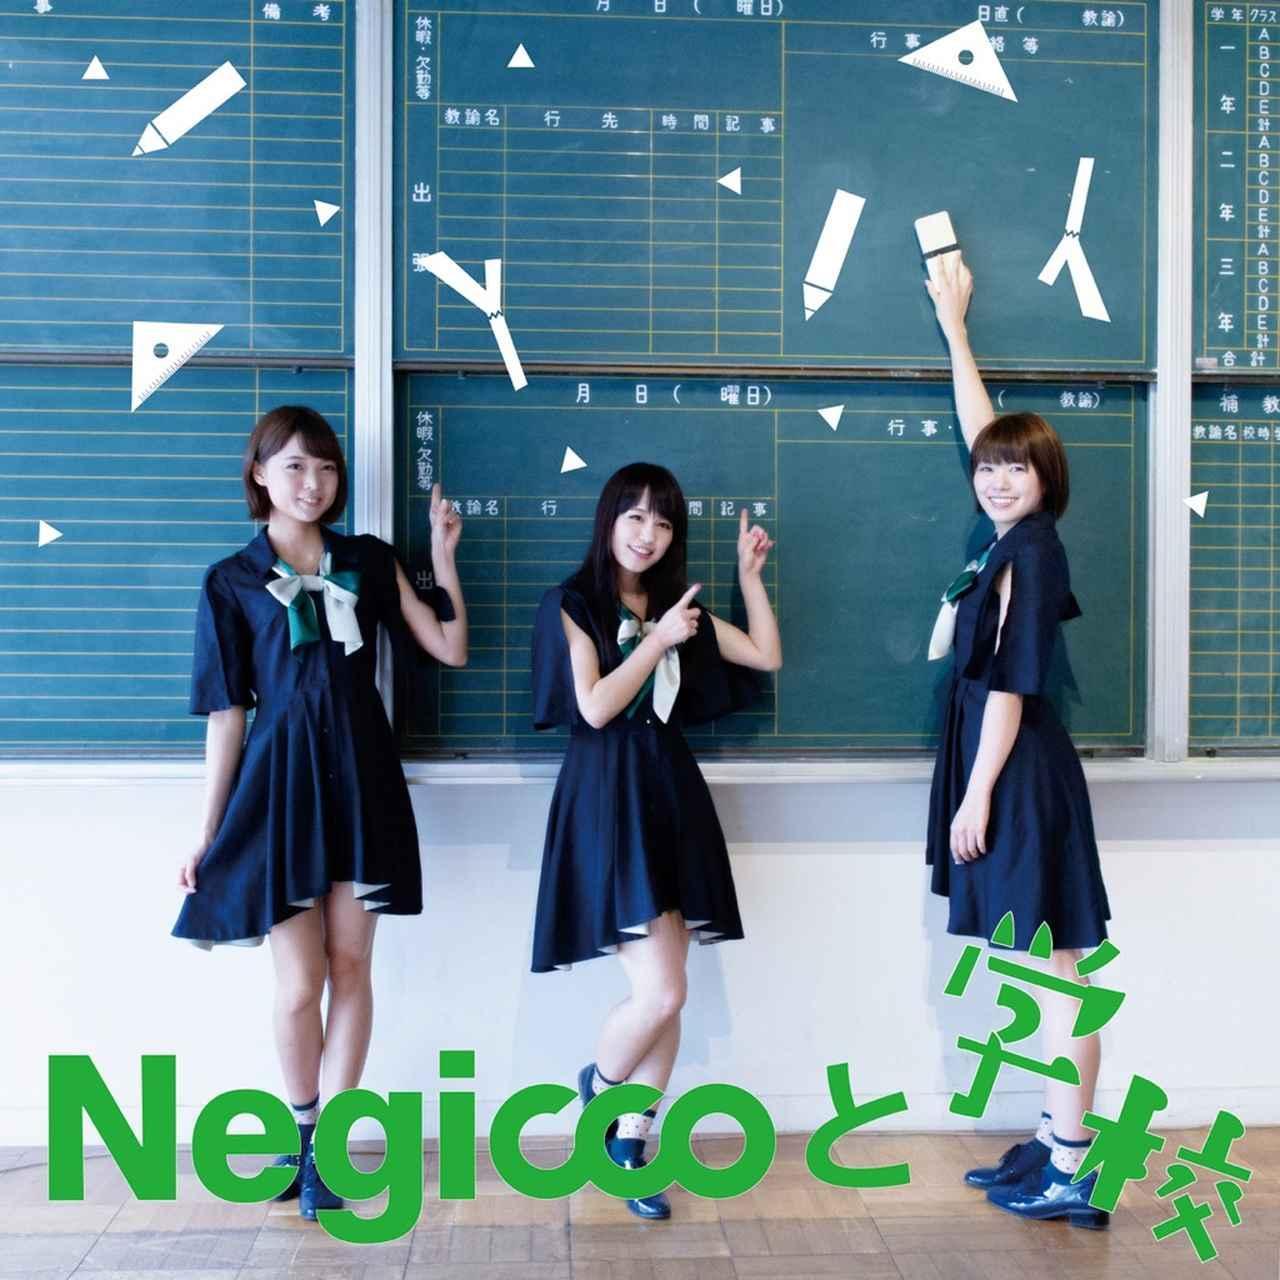 画像: Negiccoと学校 / Negicco